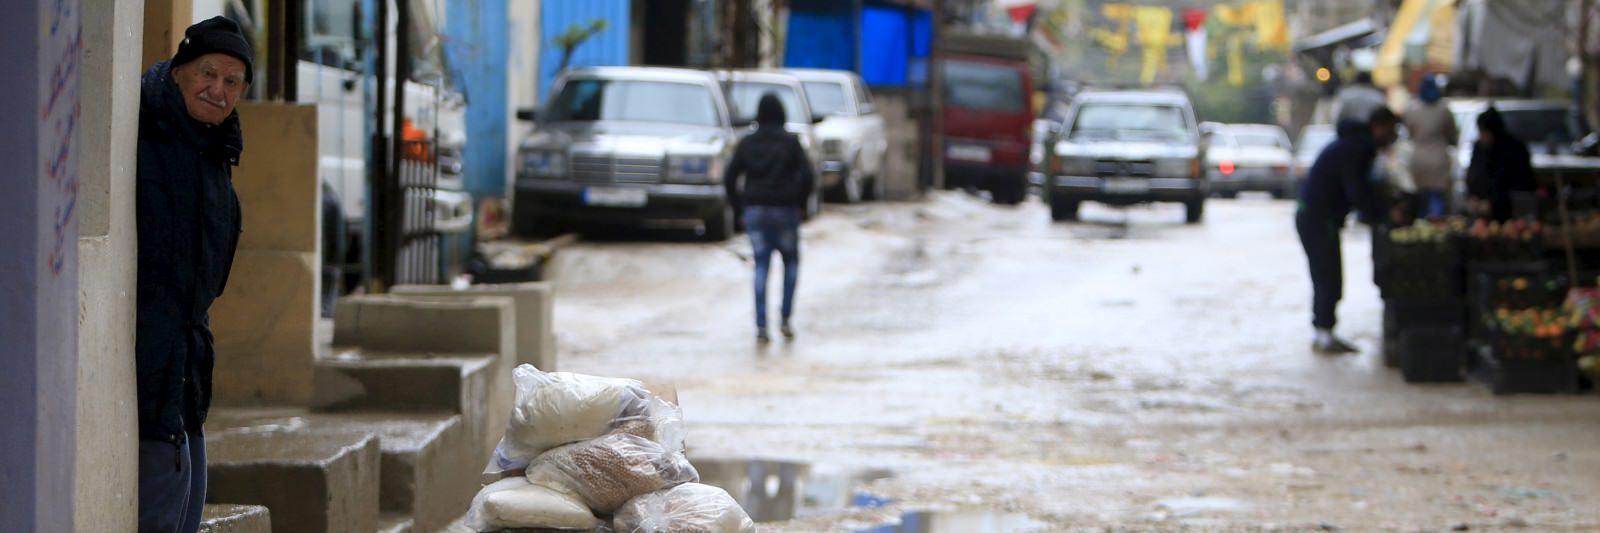 القصة غير الرسمية للمخيمات الفلسطينية في لبنان